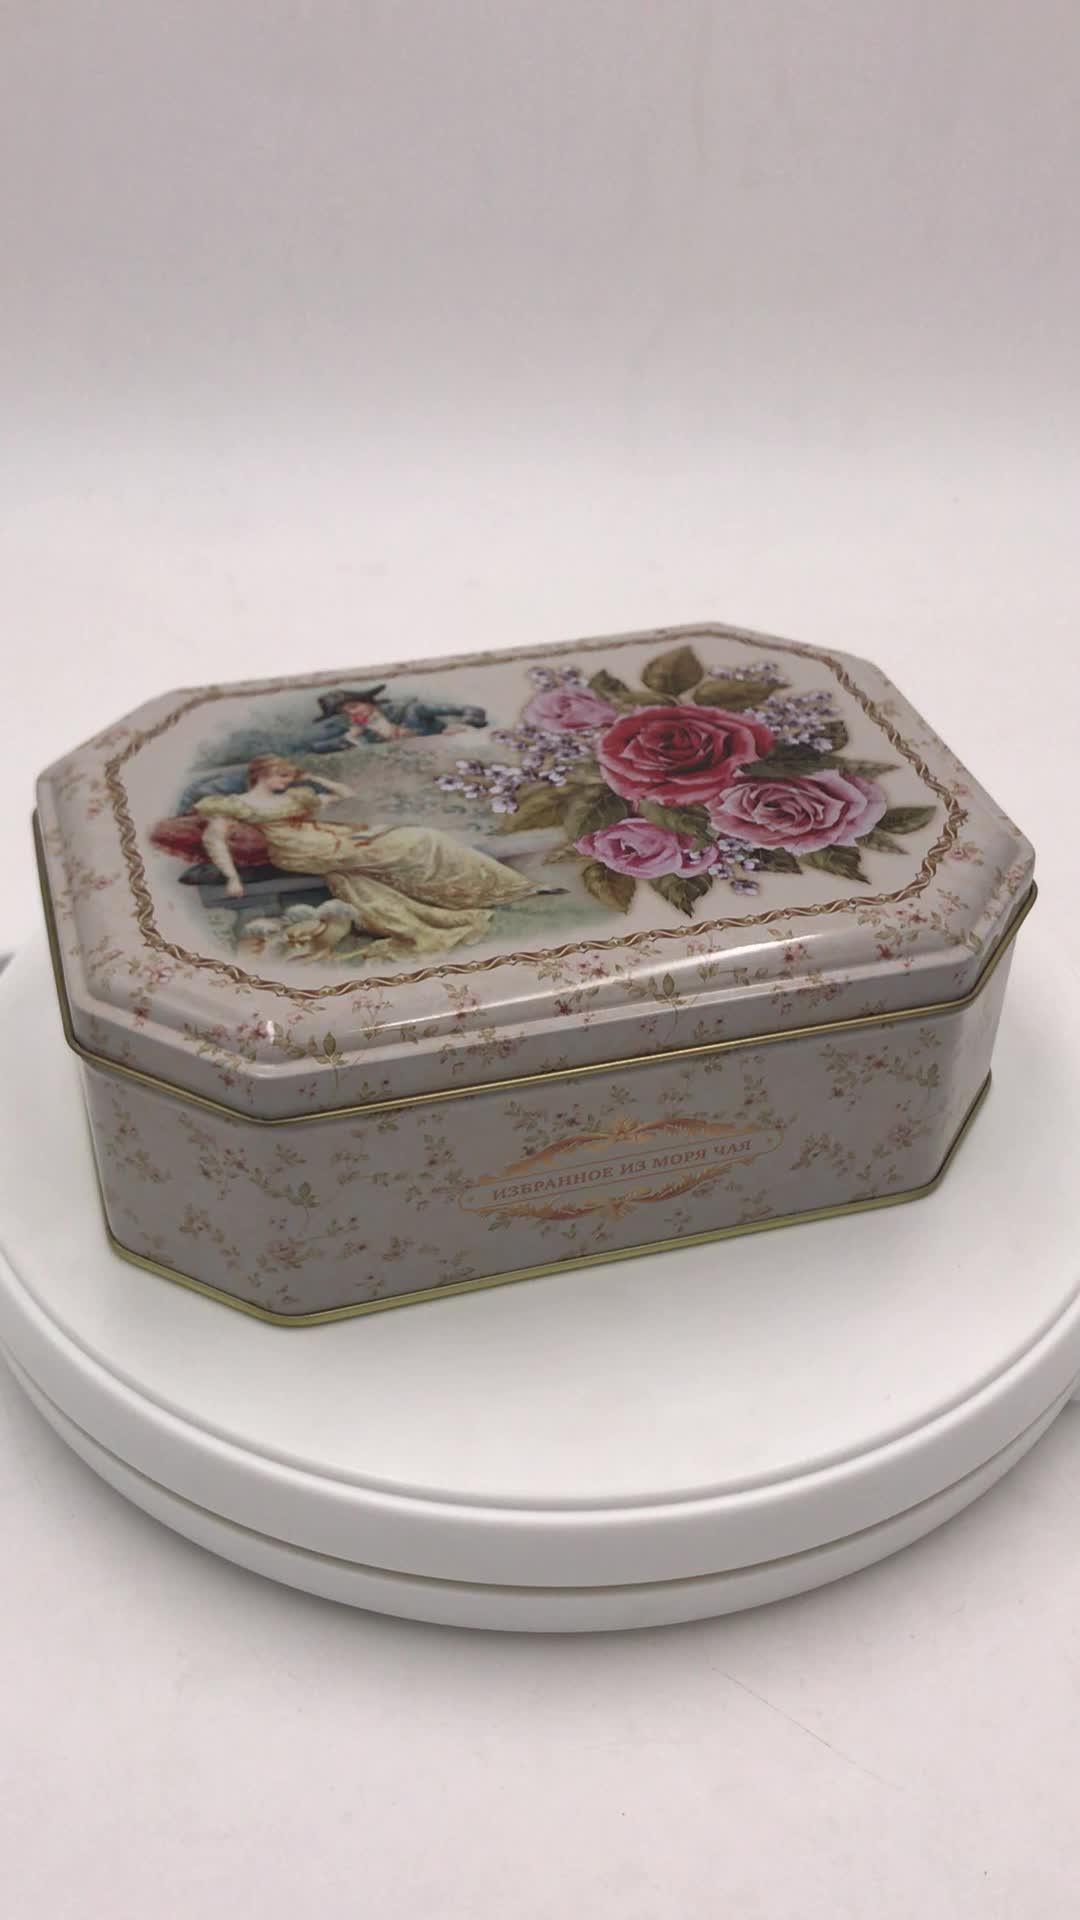 异形铁盒 八角形精美巧克力铁盒 高档曲奇饼干铁盒定制厂家